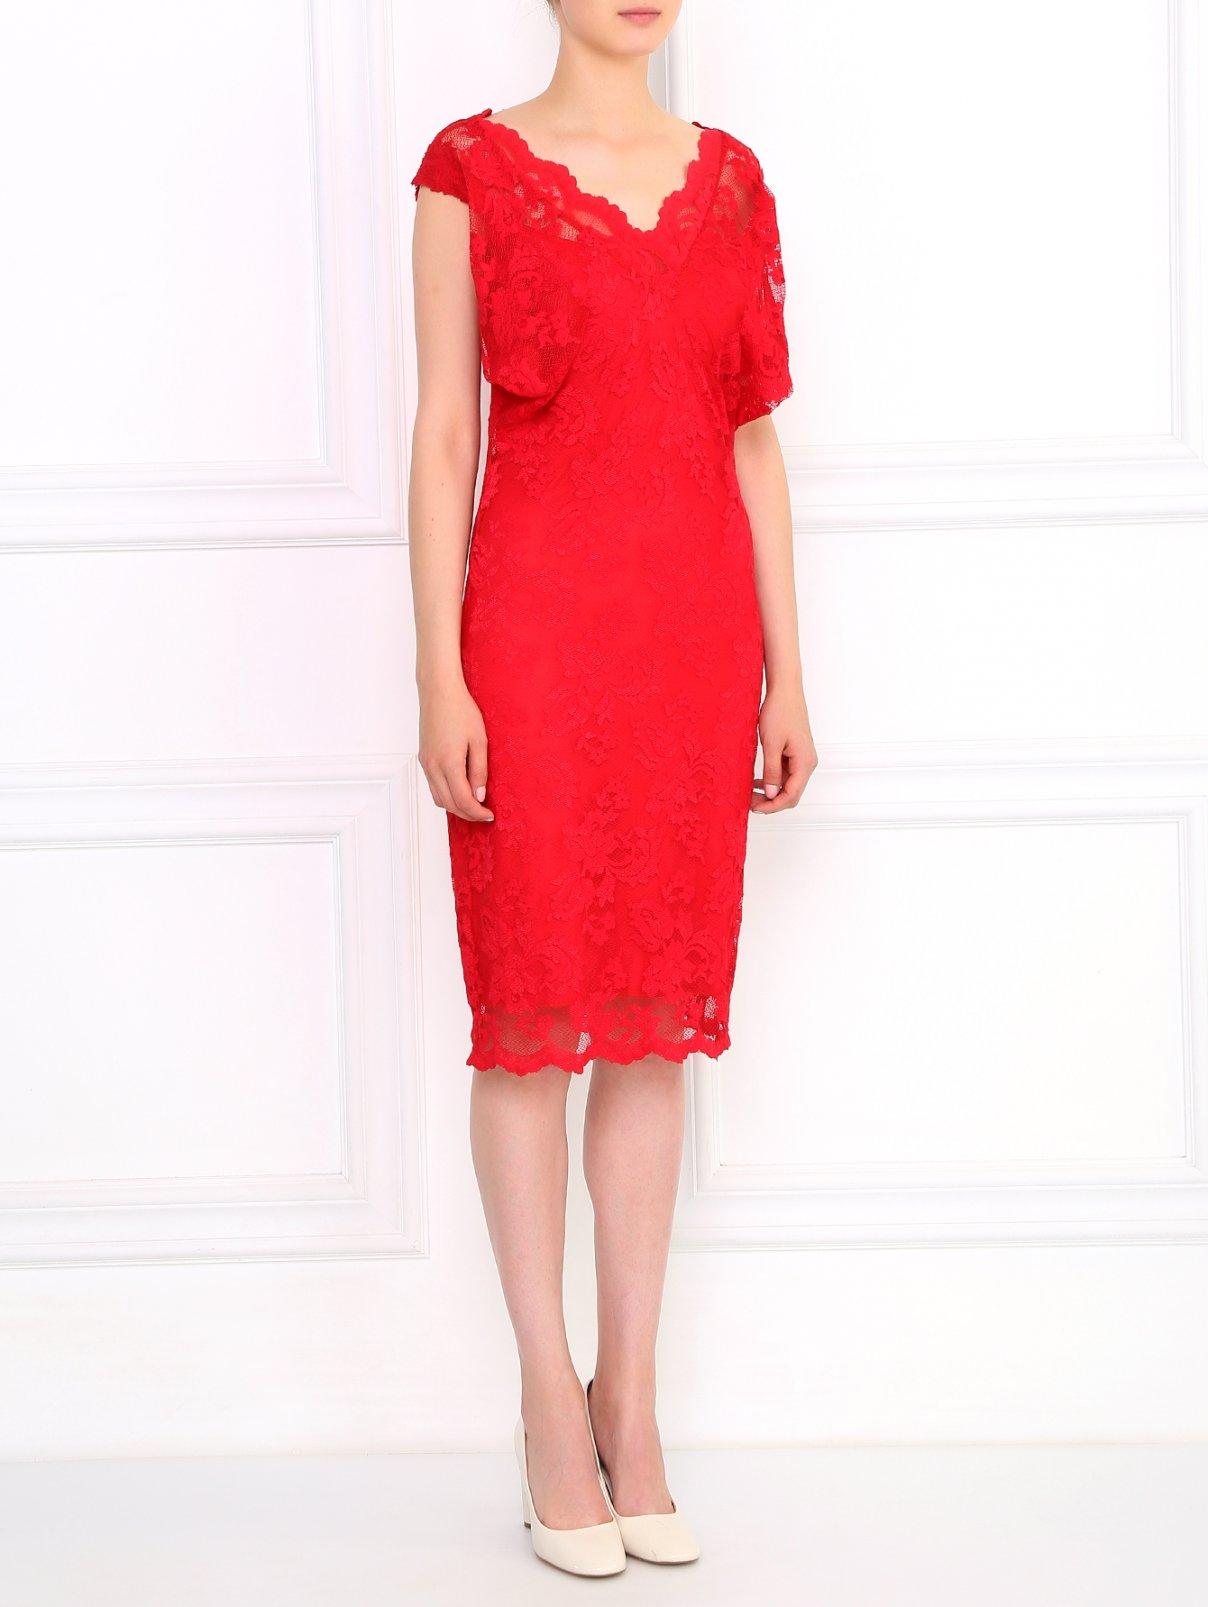 Кружевное платье-мини OLVI`S  –  Модель Общий вид